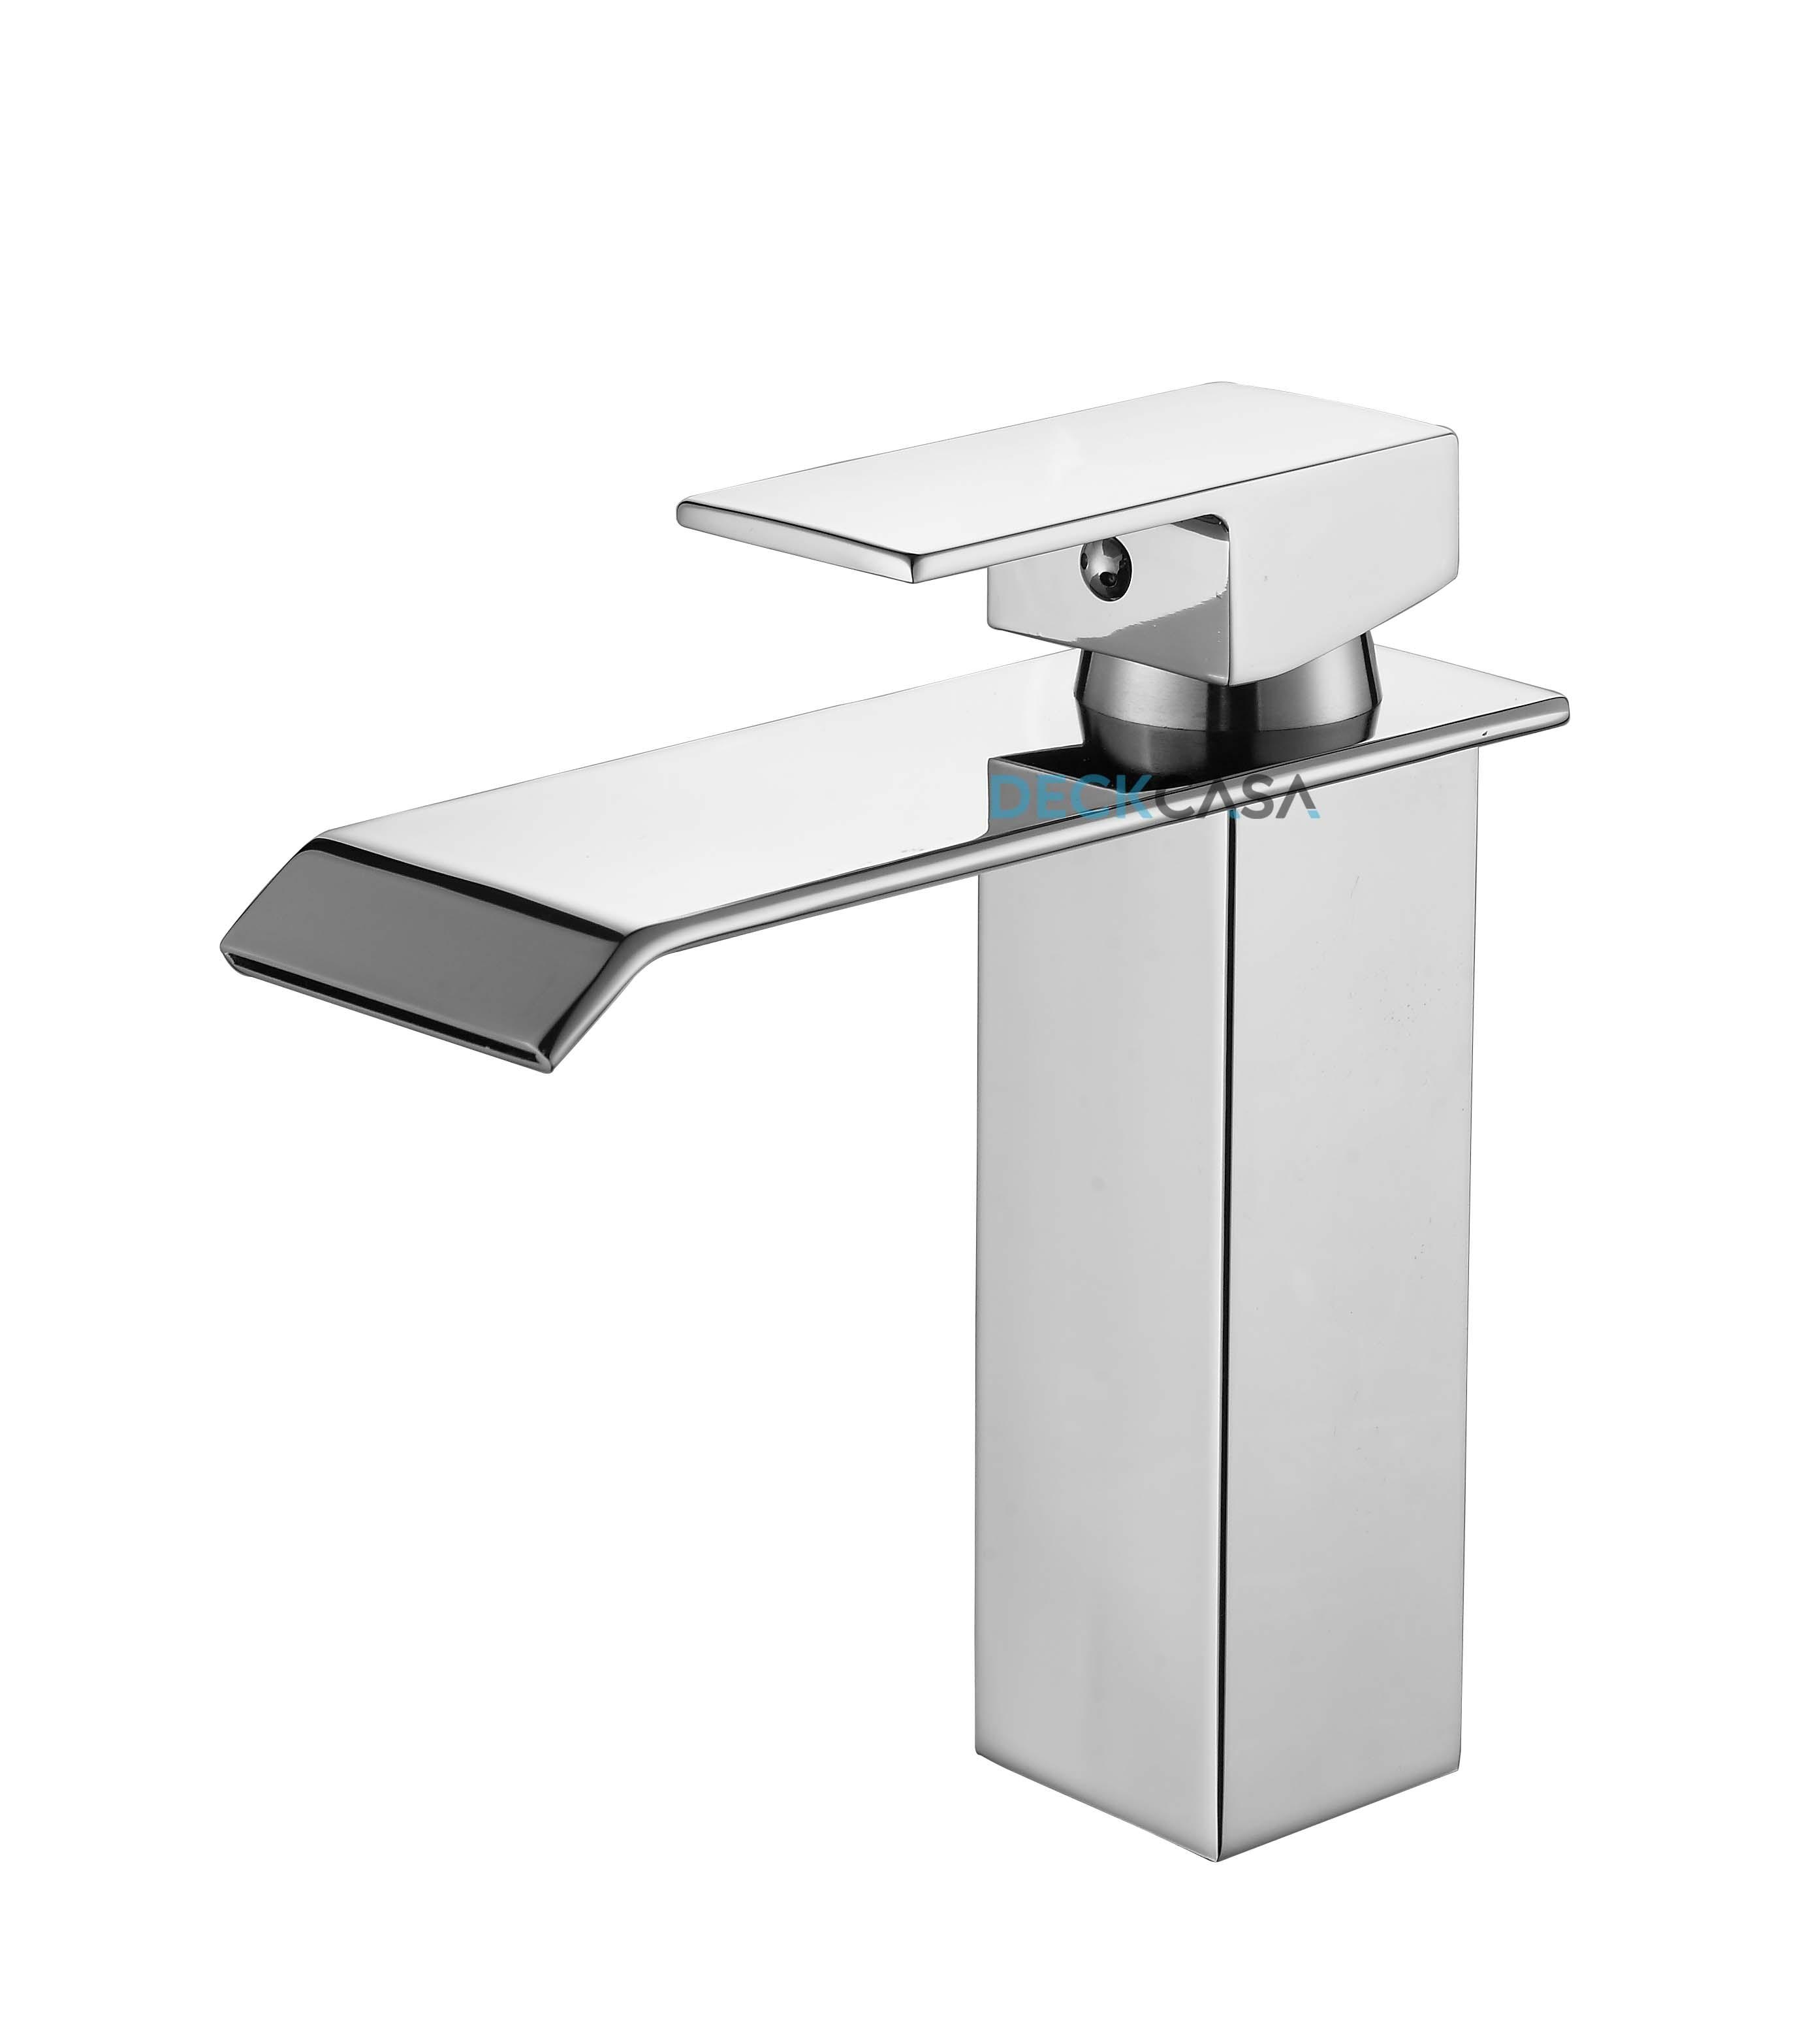 Torneira Misturador Monocomando Cascata Cachoeira Vaidade Do Banheiro Metal Baixa Luxo Quente E Fria